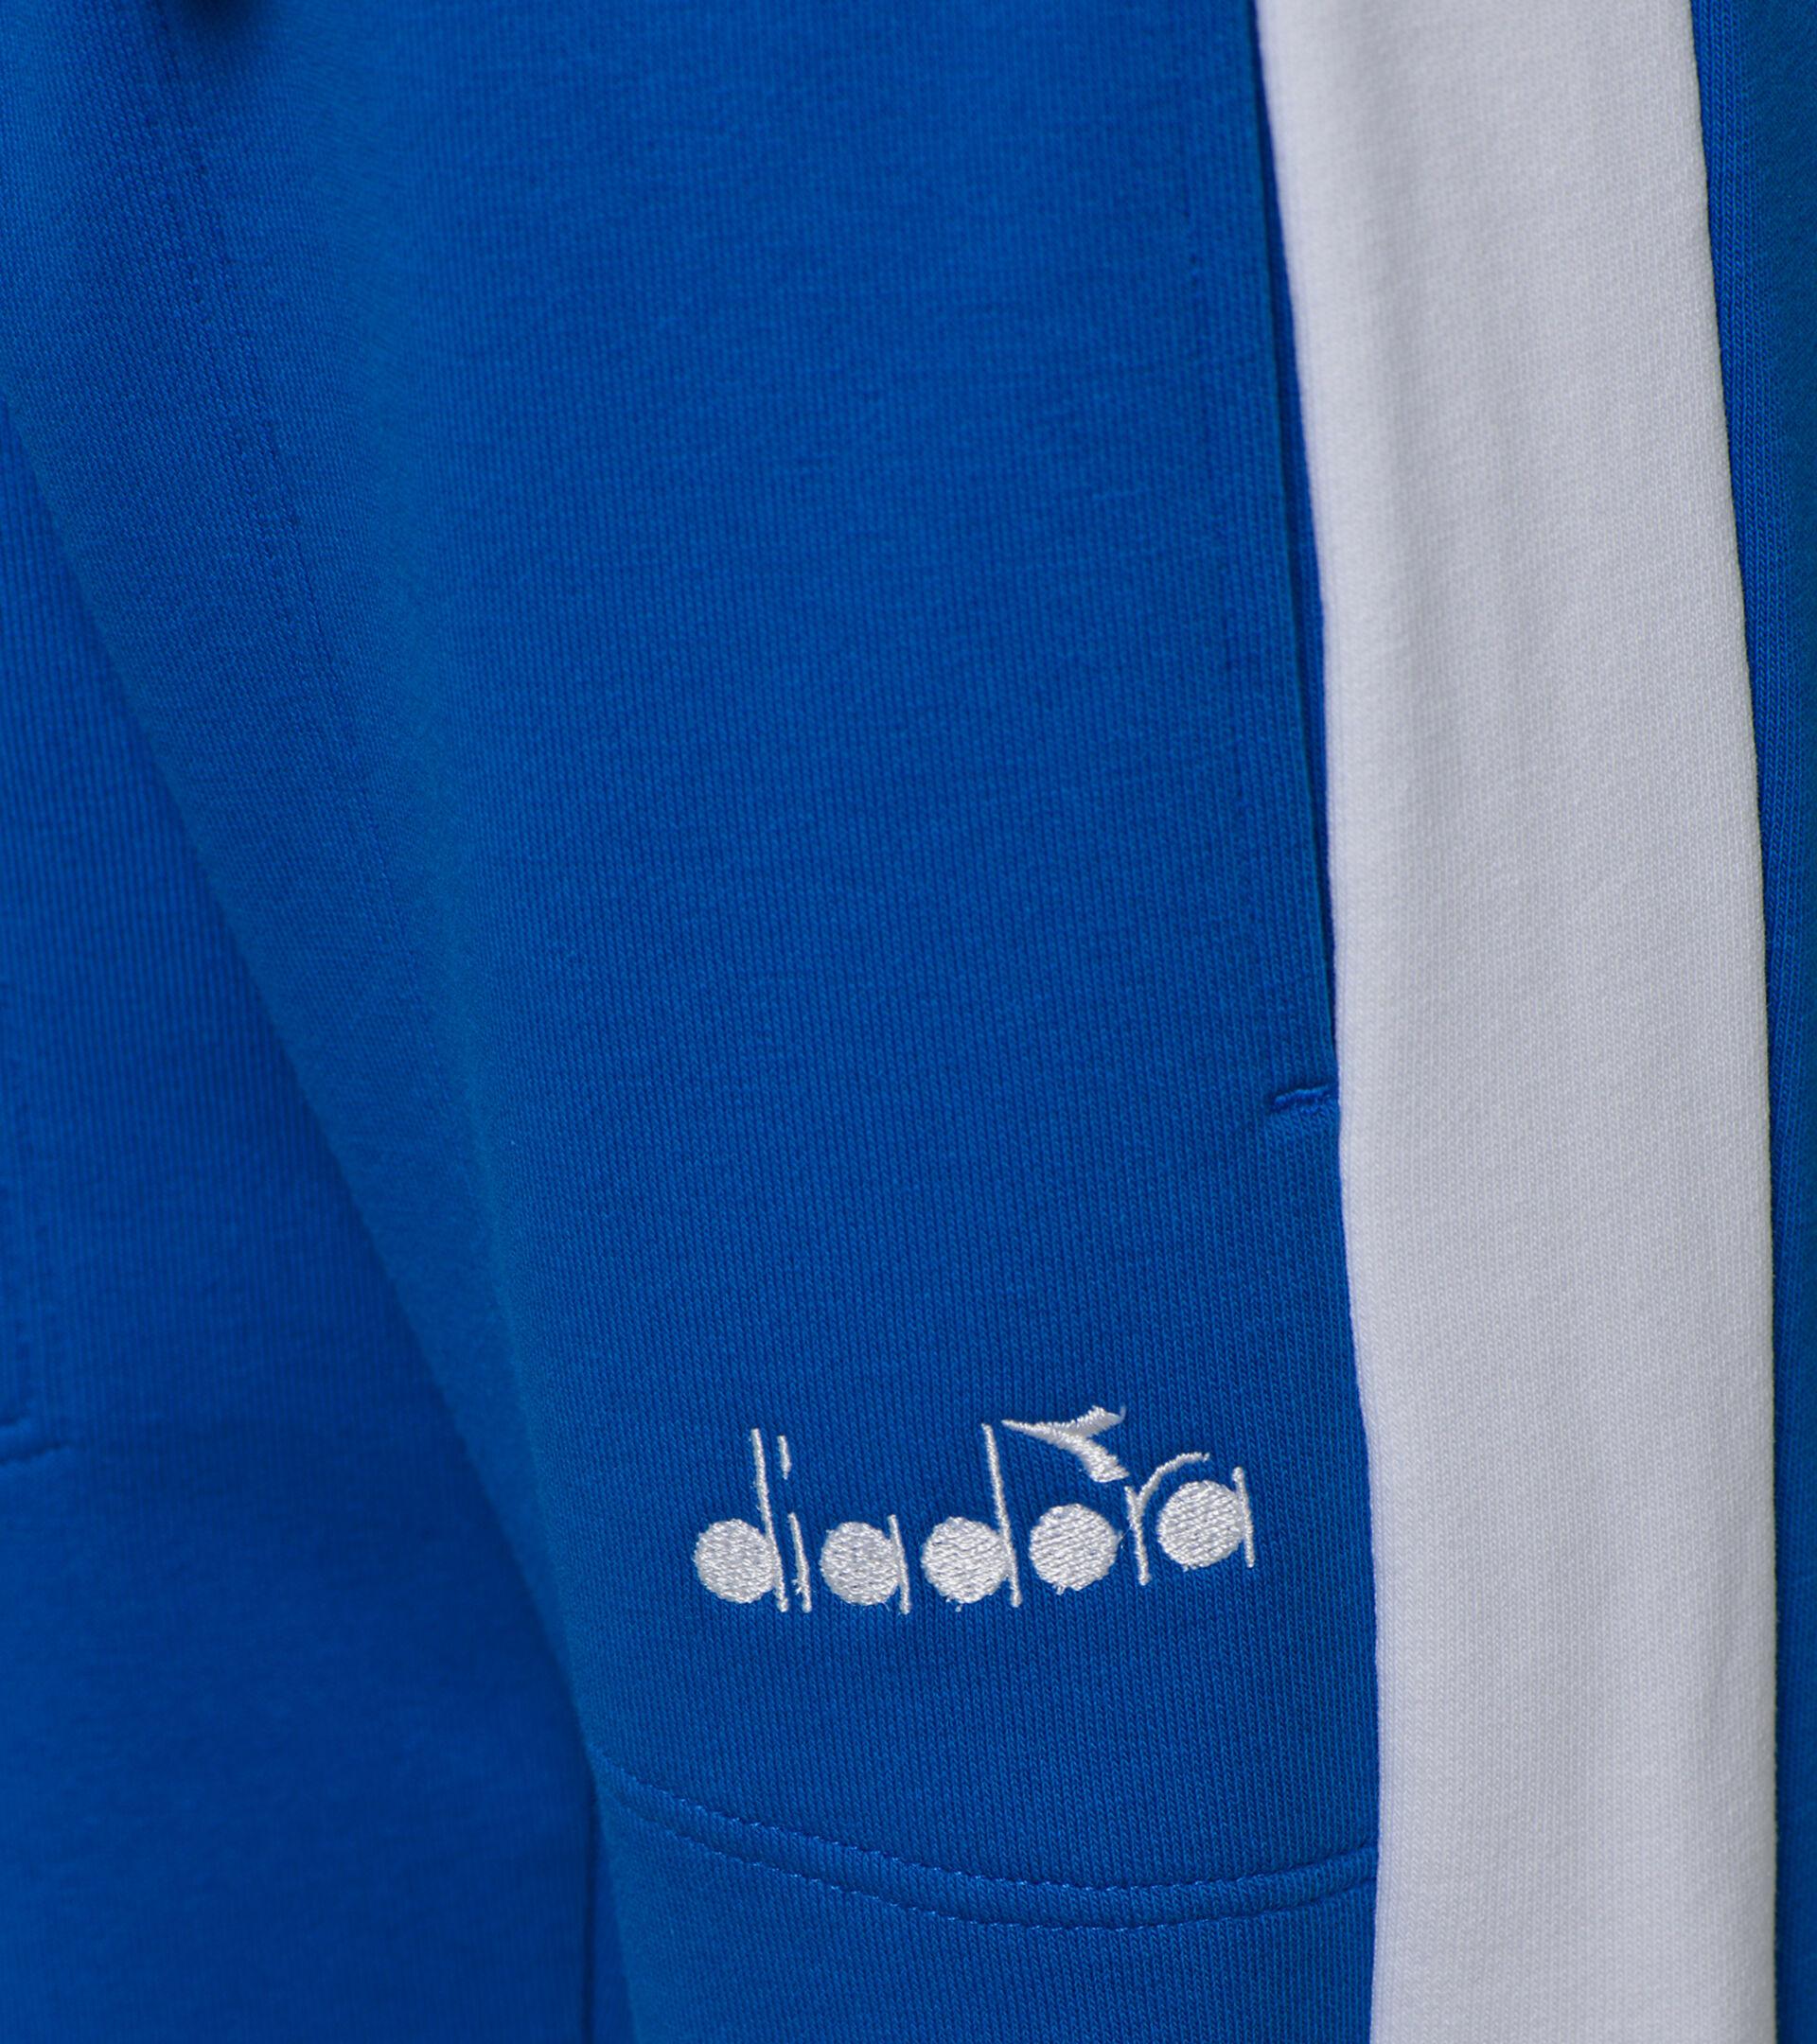 Apparel Sport BAMBINO JB. PANT CUFF DIADORA CLUB AZL PARACAIDISTA EN CAIDA LIBR Diadora